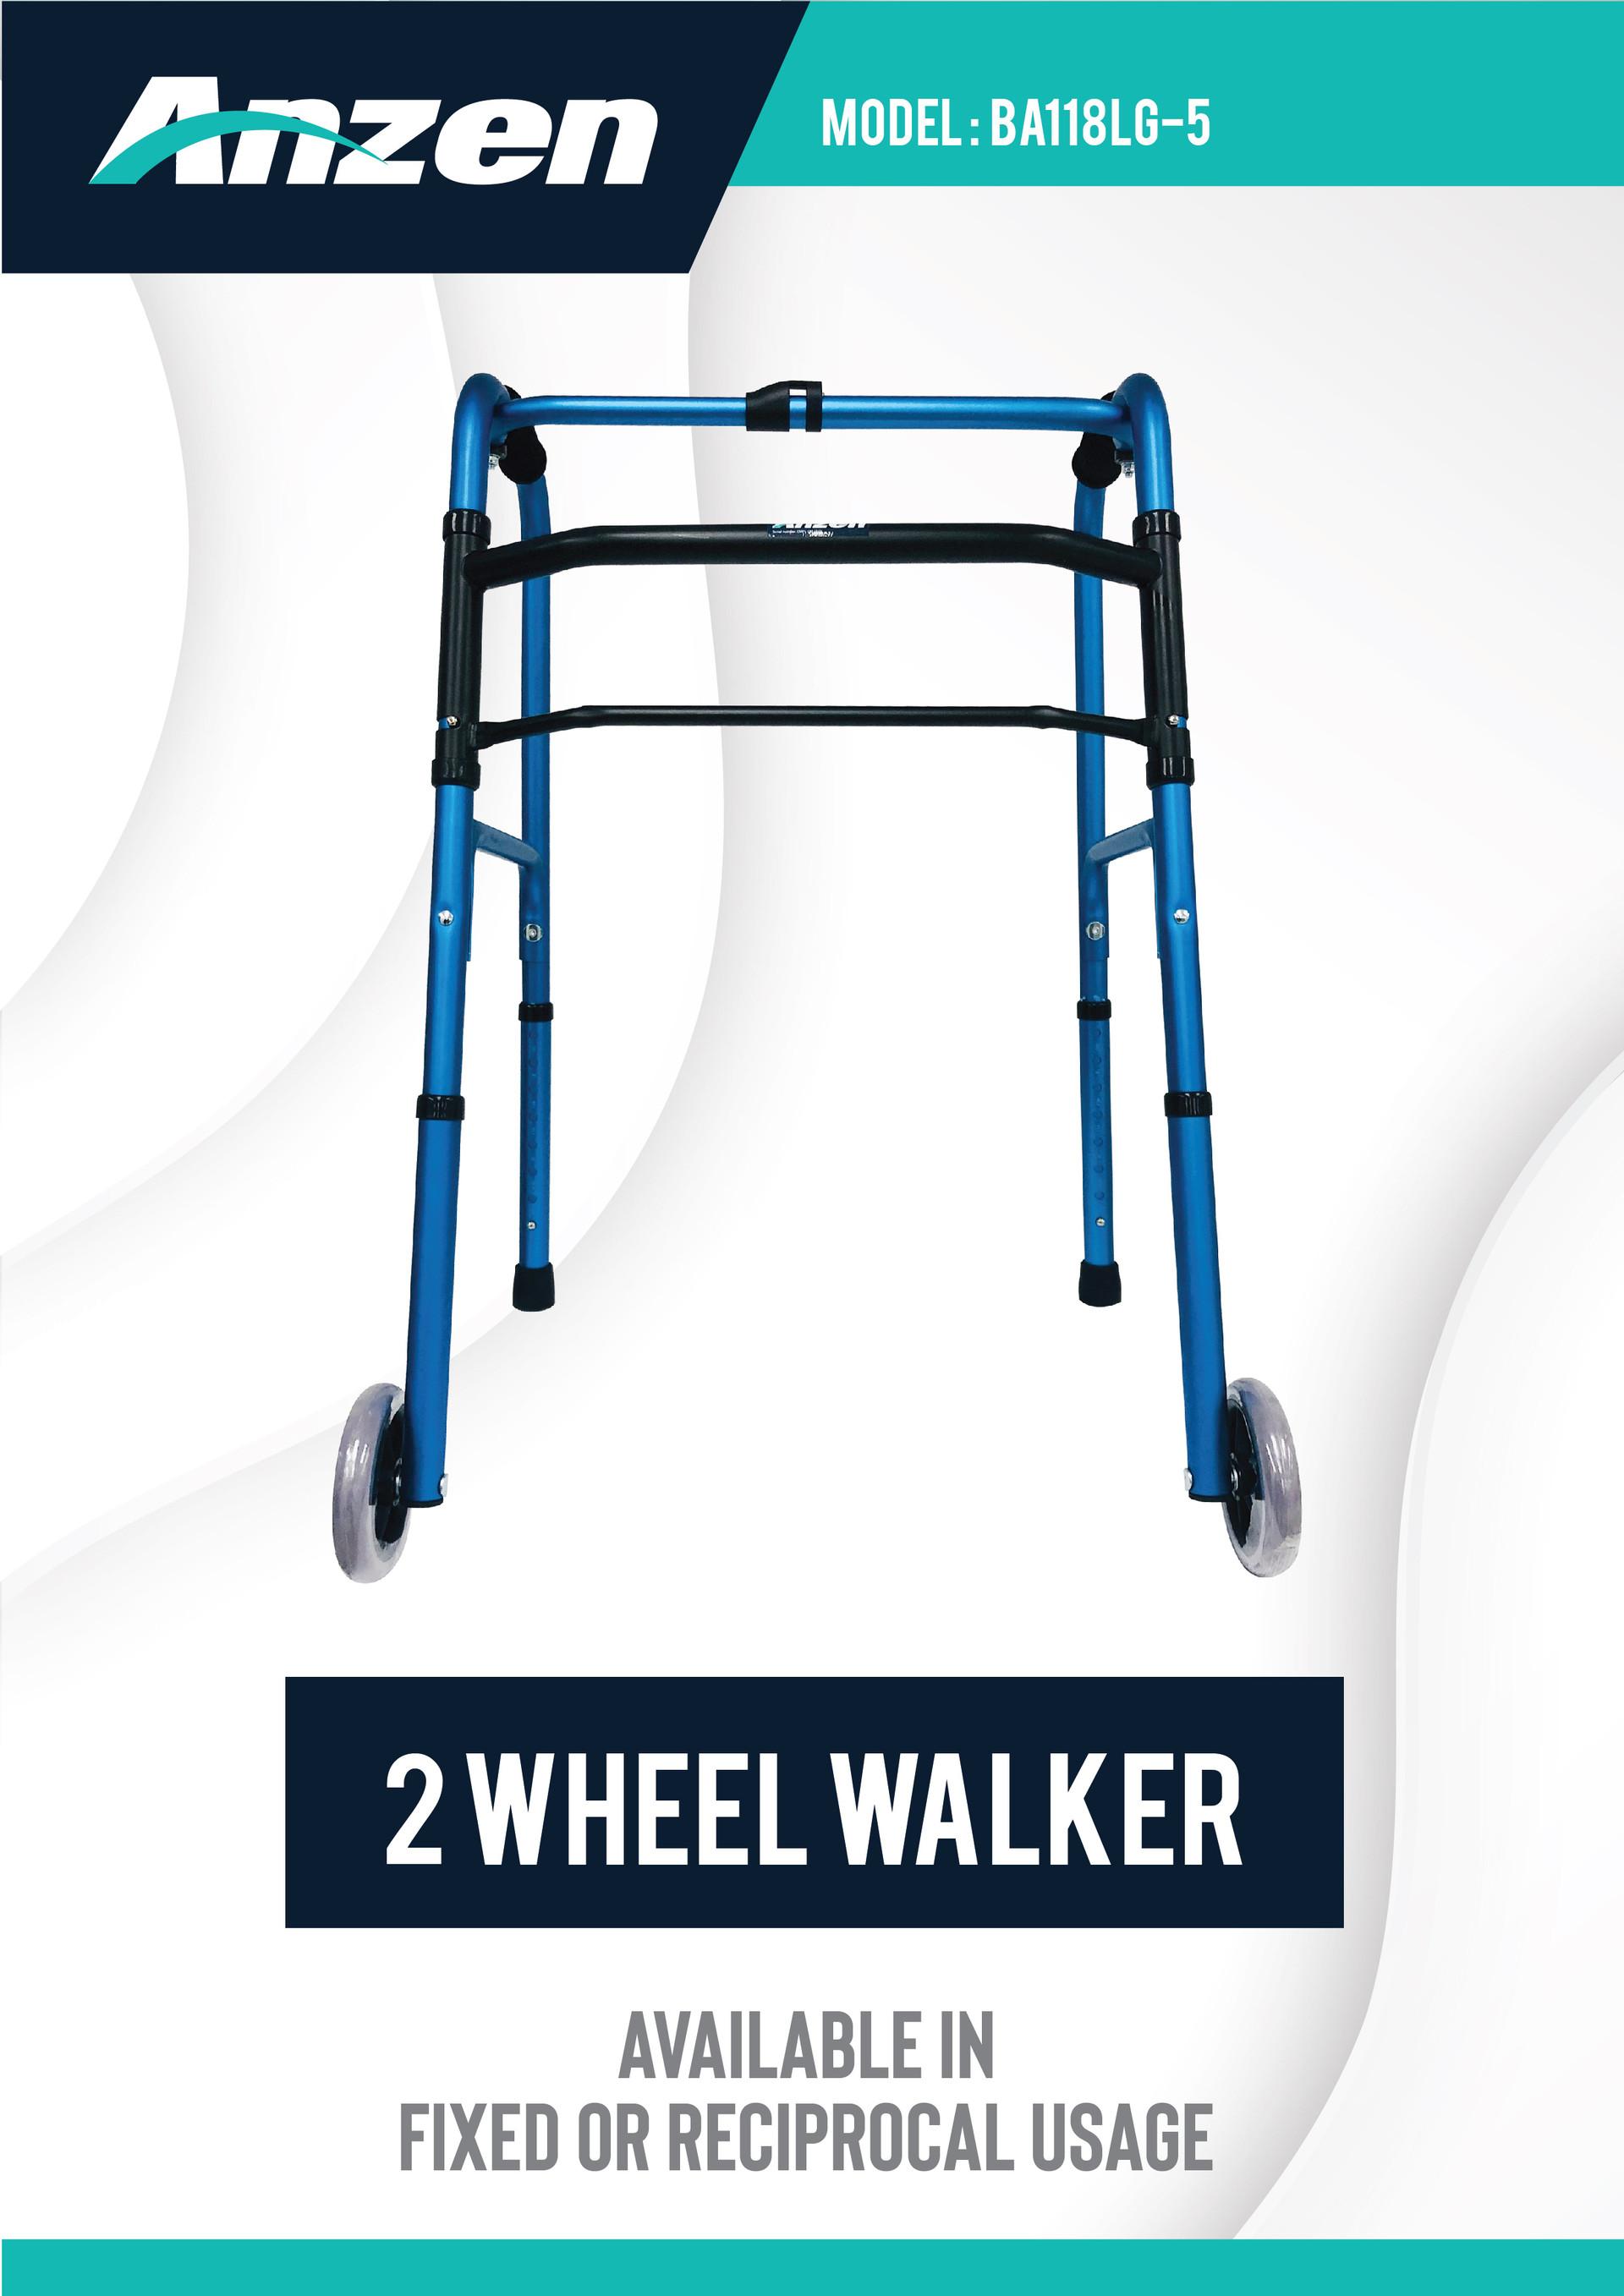 2 wheel walker-02.jpg